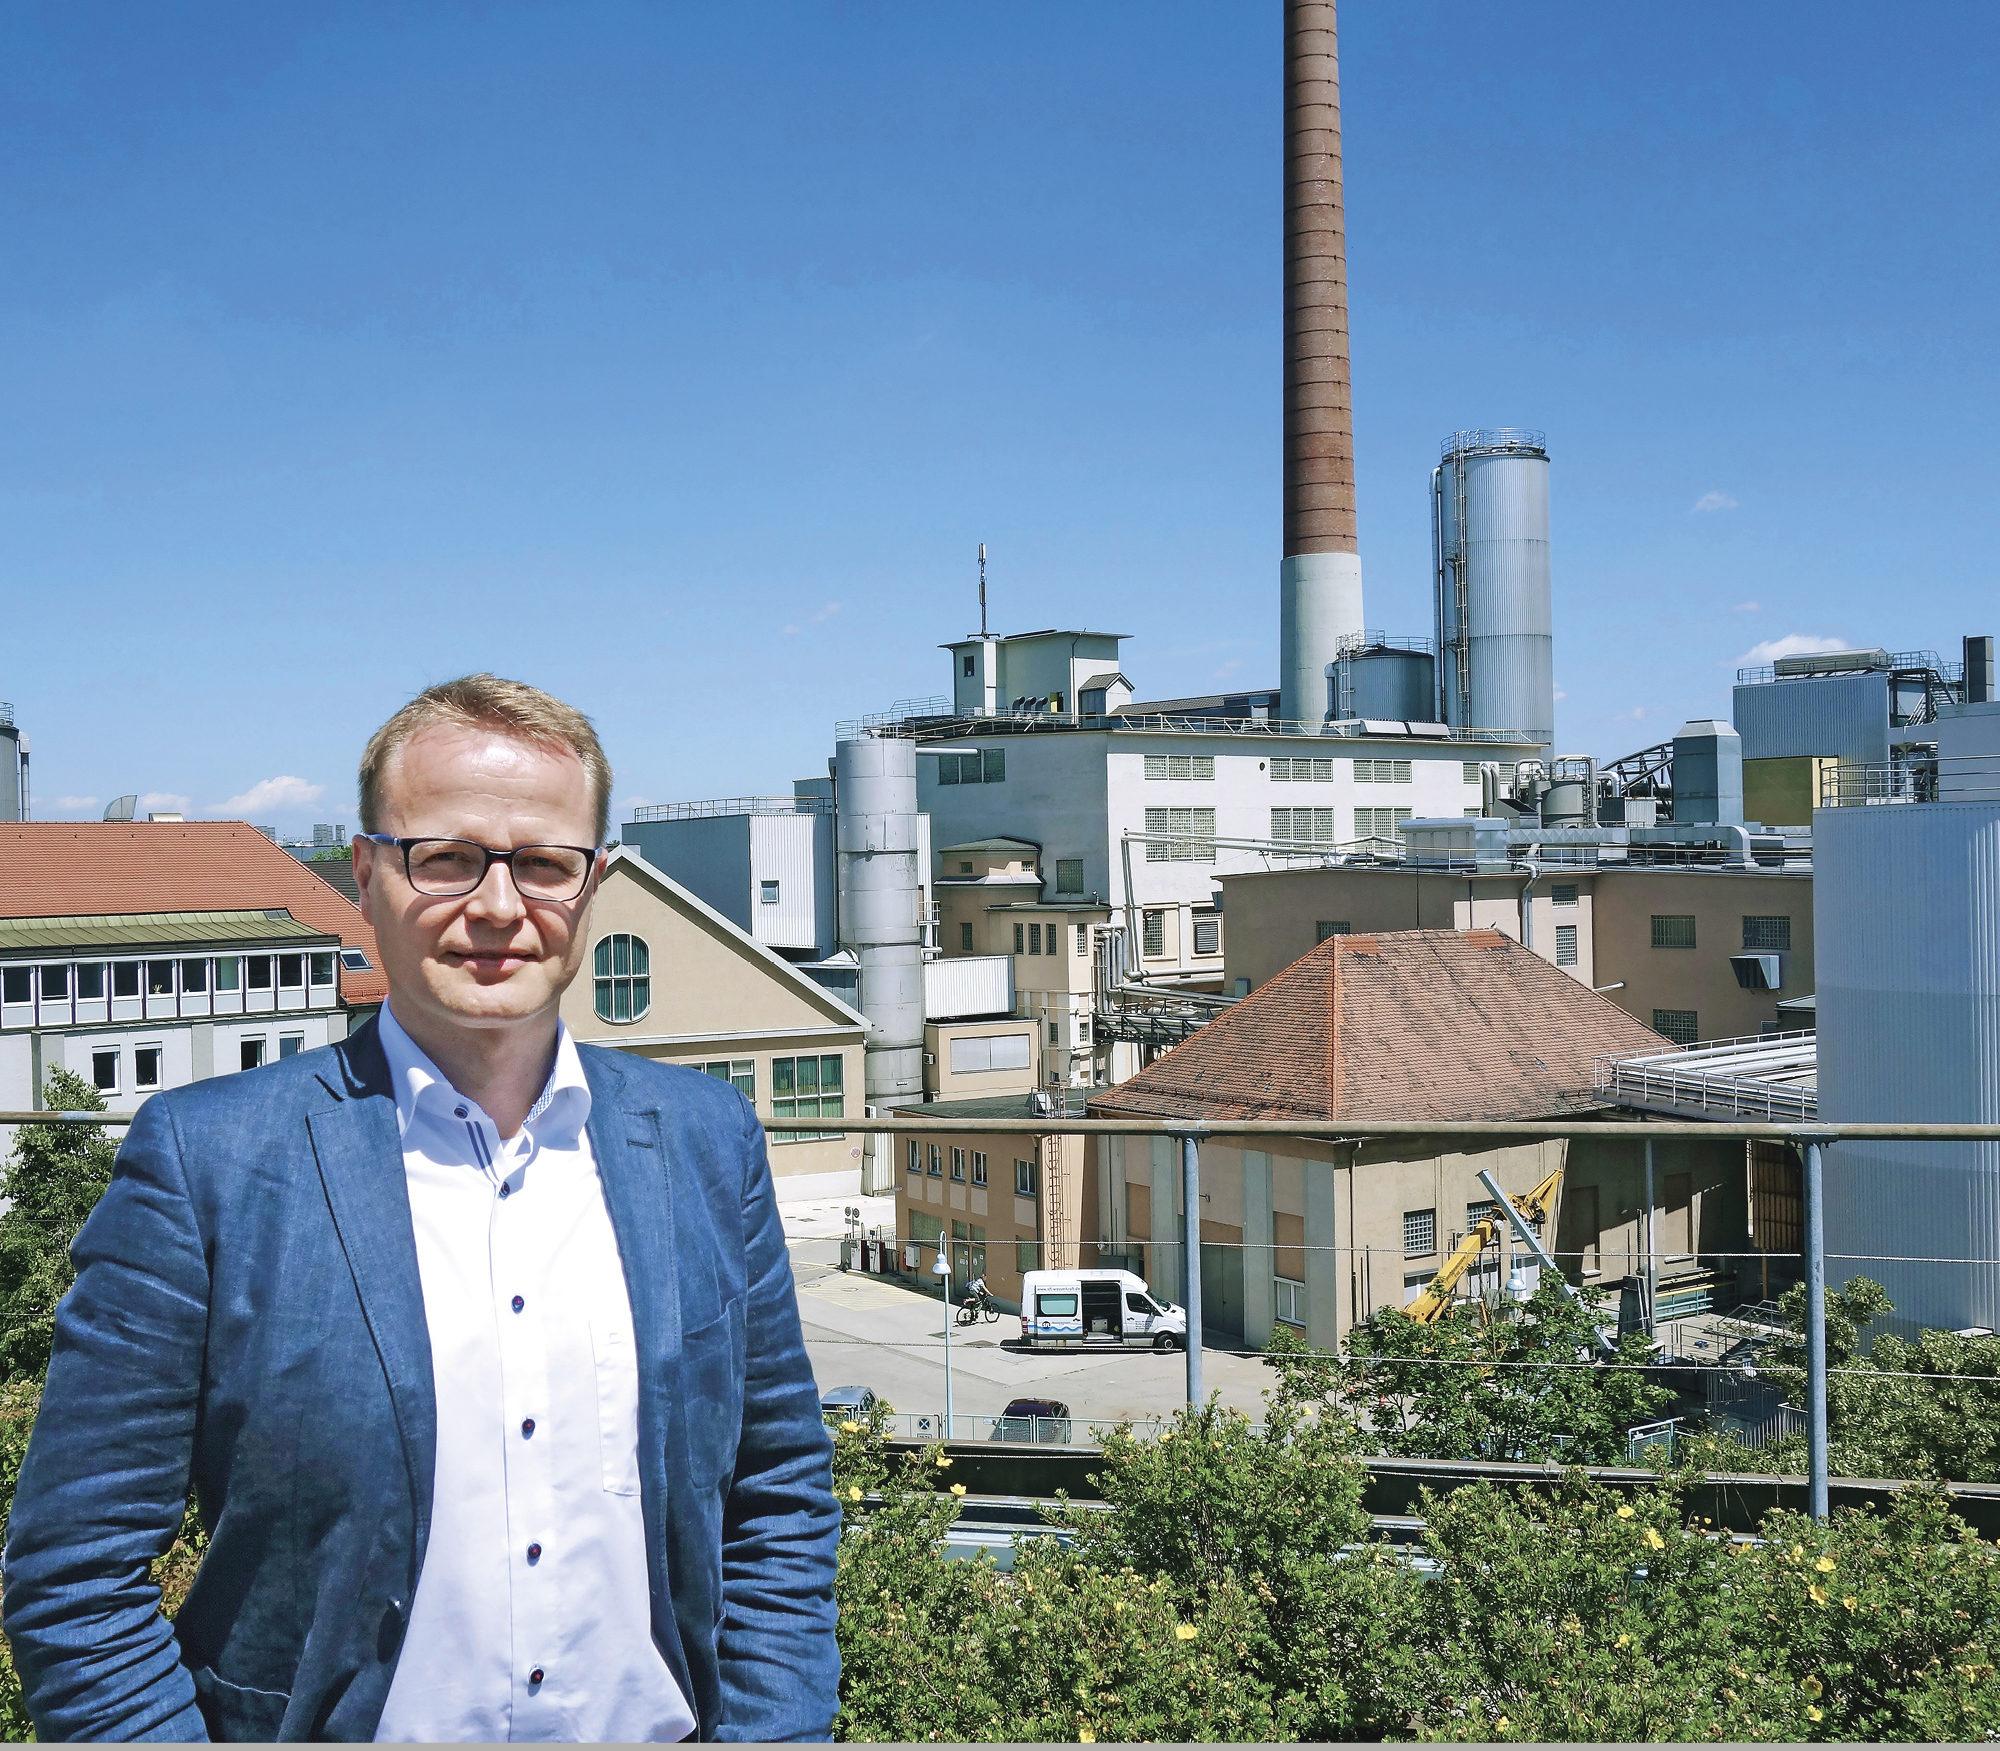 Mikko Torkkeli työskentelee UPM:n paperialan Euroopan keskuksessa Augsburgissa, Etelä-Saksassa. Hänen nykyiset työtehtävänsä liittyvät myynnin operatiivisen suunnitteluun.